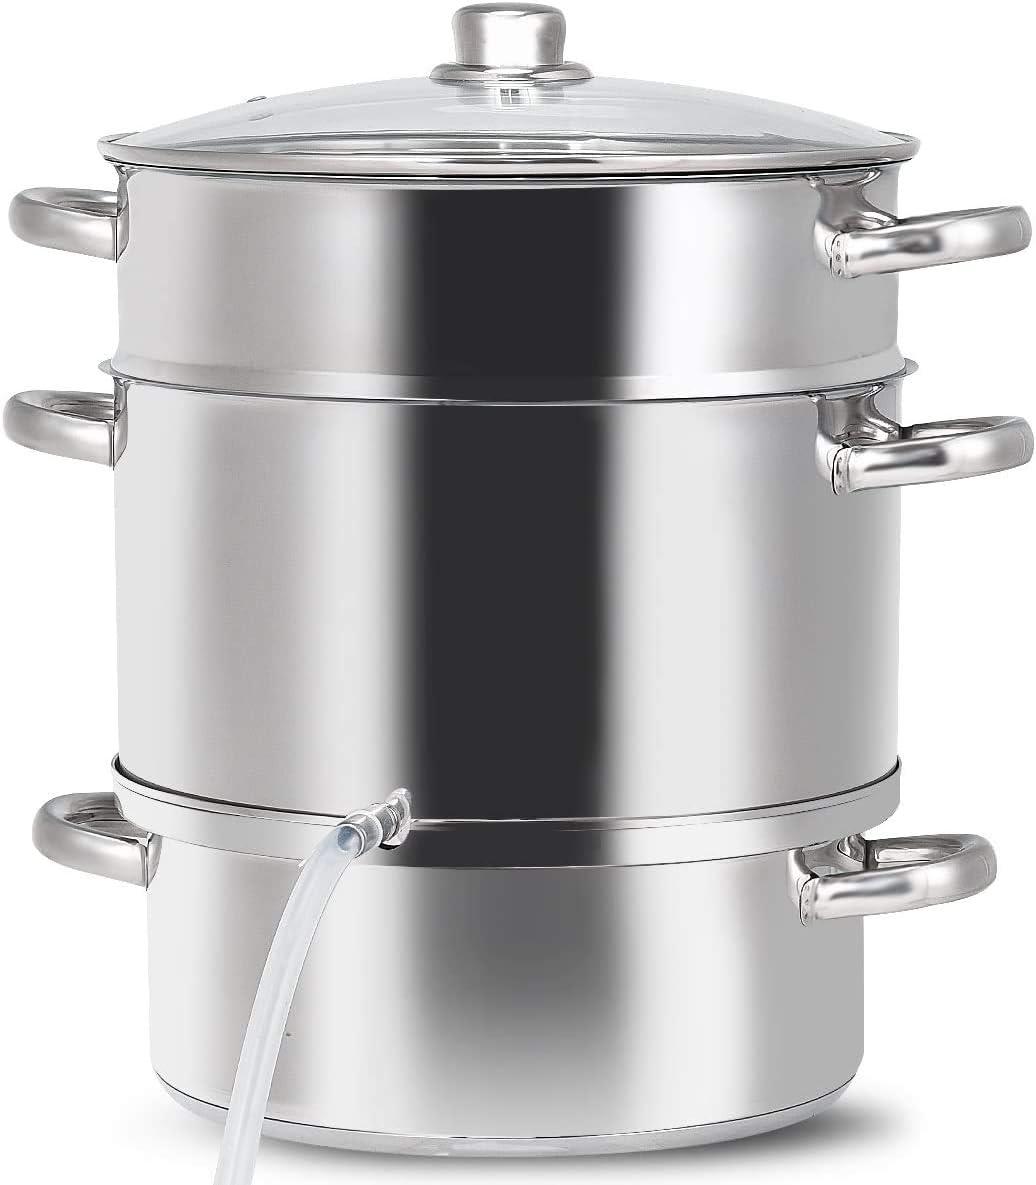 FANTASK 11-Quart Stainless Steel for Fruit and Vegetables, Fruit Juicer Steamer with Tempered Glass Lid and Safe Loop Handle, Multipurpose Juicer Steamer Kitchen Pot for Home Cooker, Silver